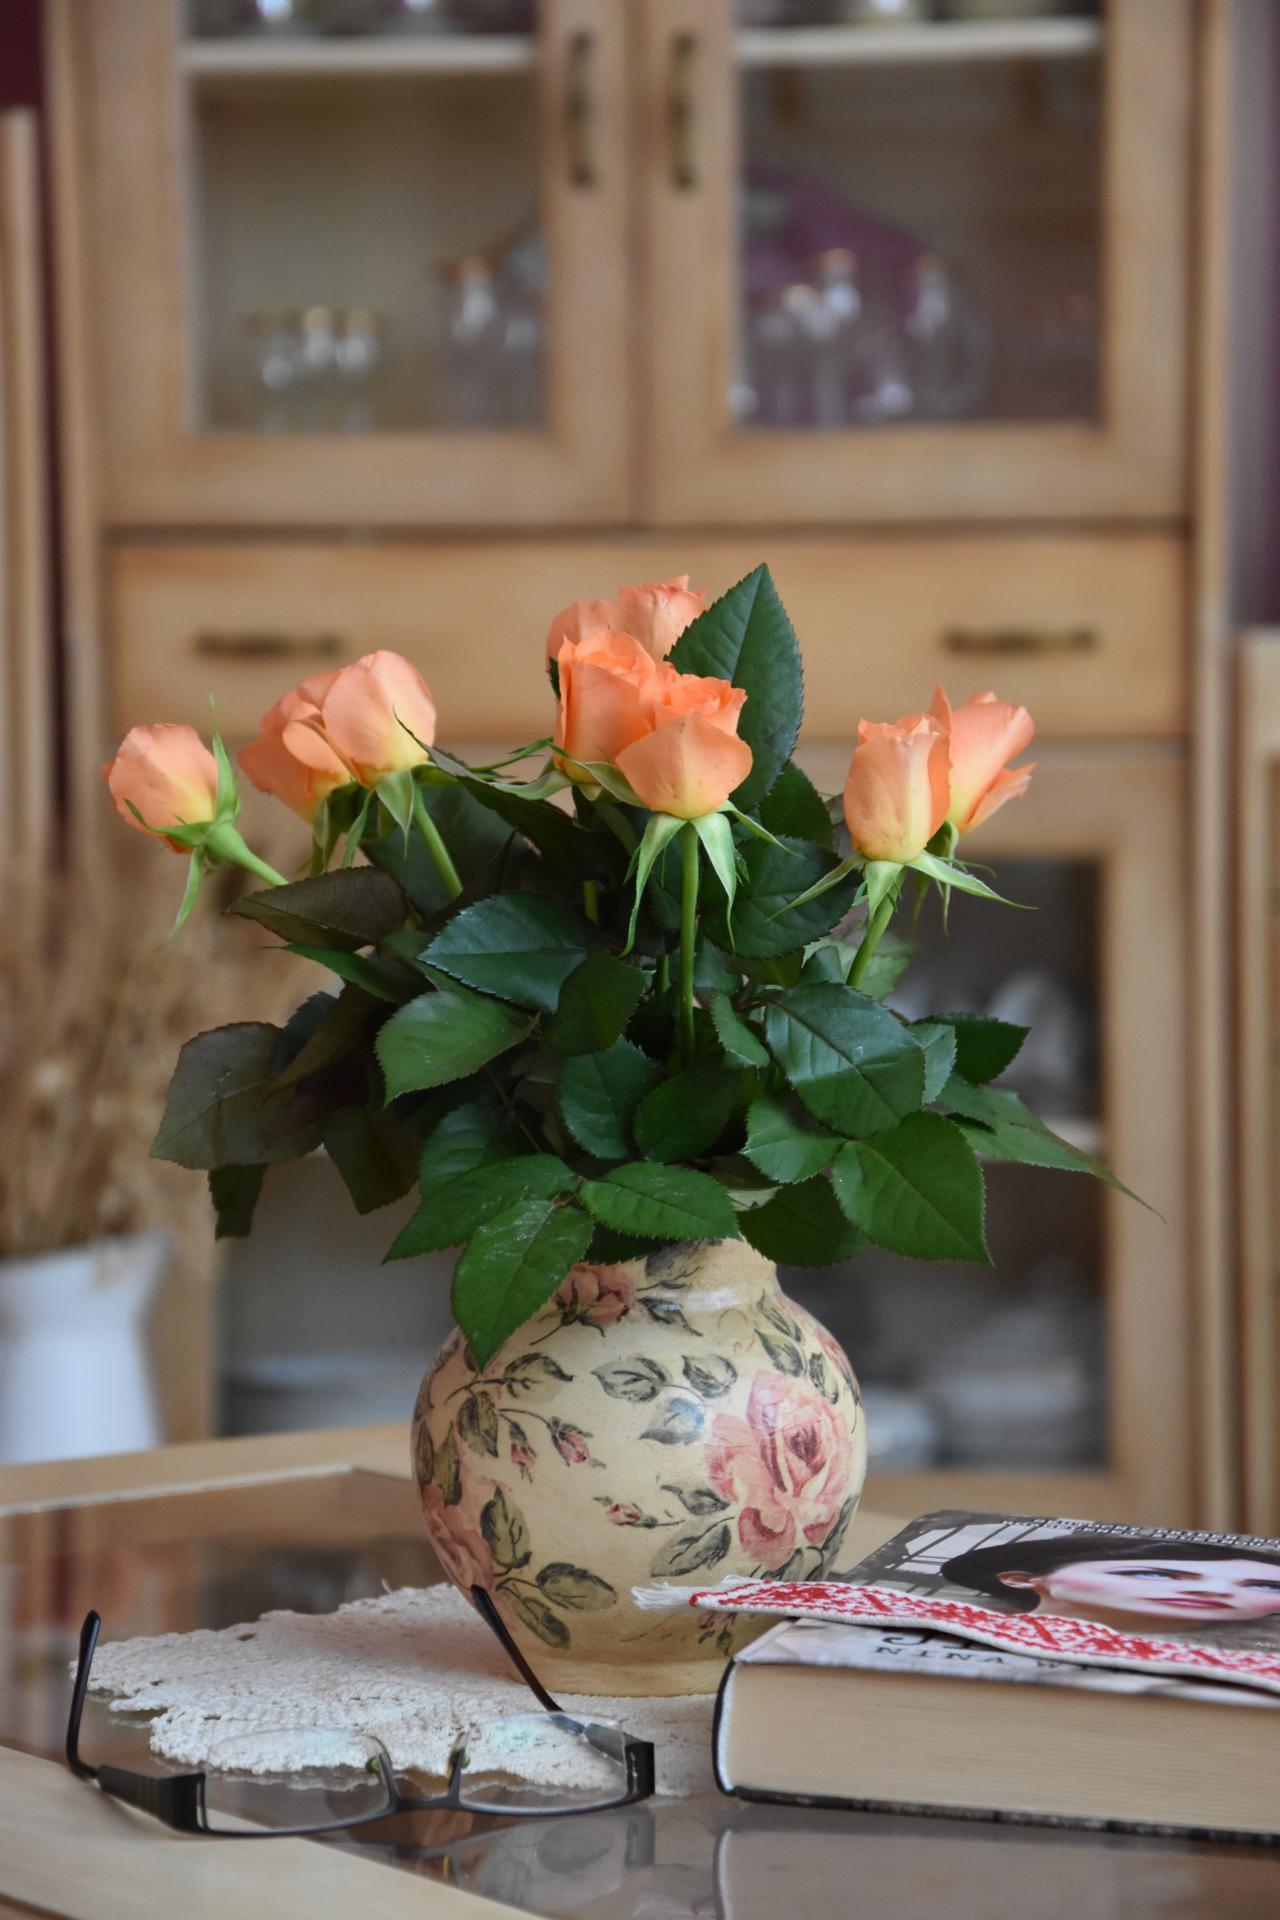 Prajem krásny deň...MDŽ, milé strecháčky ;-)  Ja som dostala takúto krásnu kytičku ruží :) - Obrázok č. 1